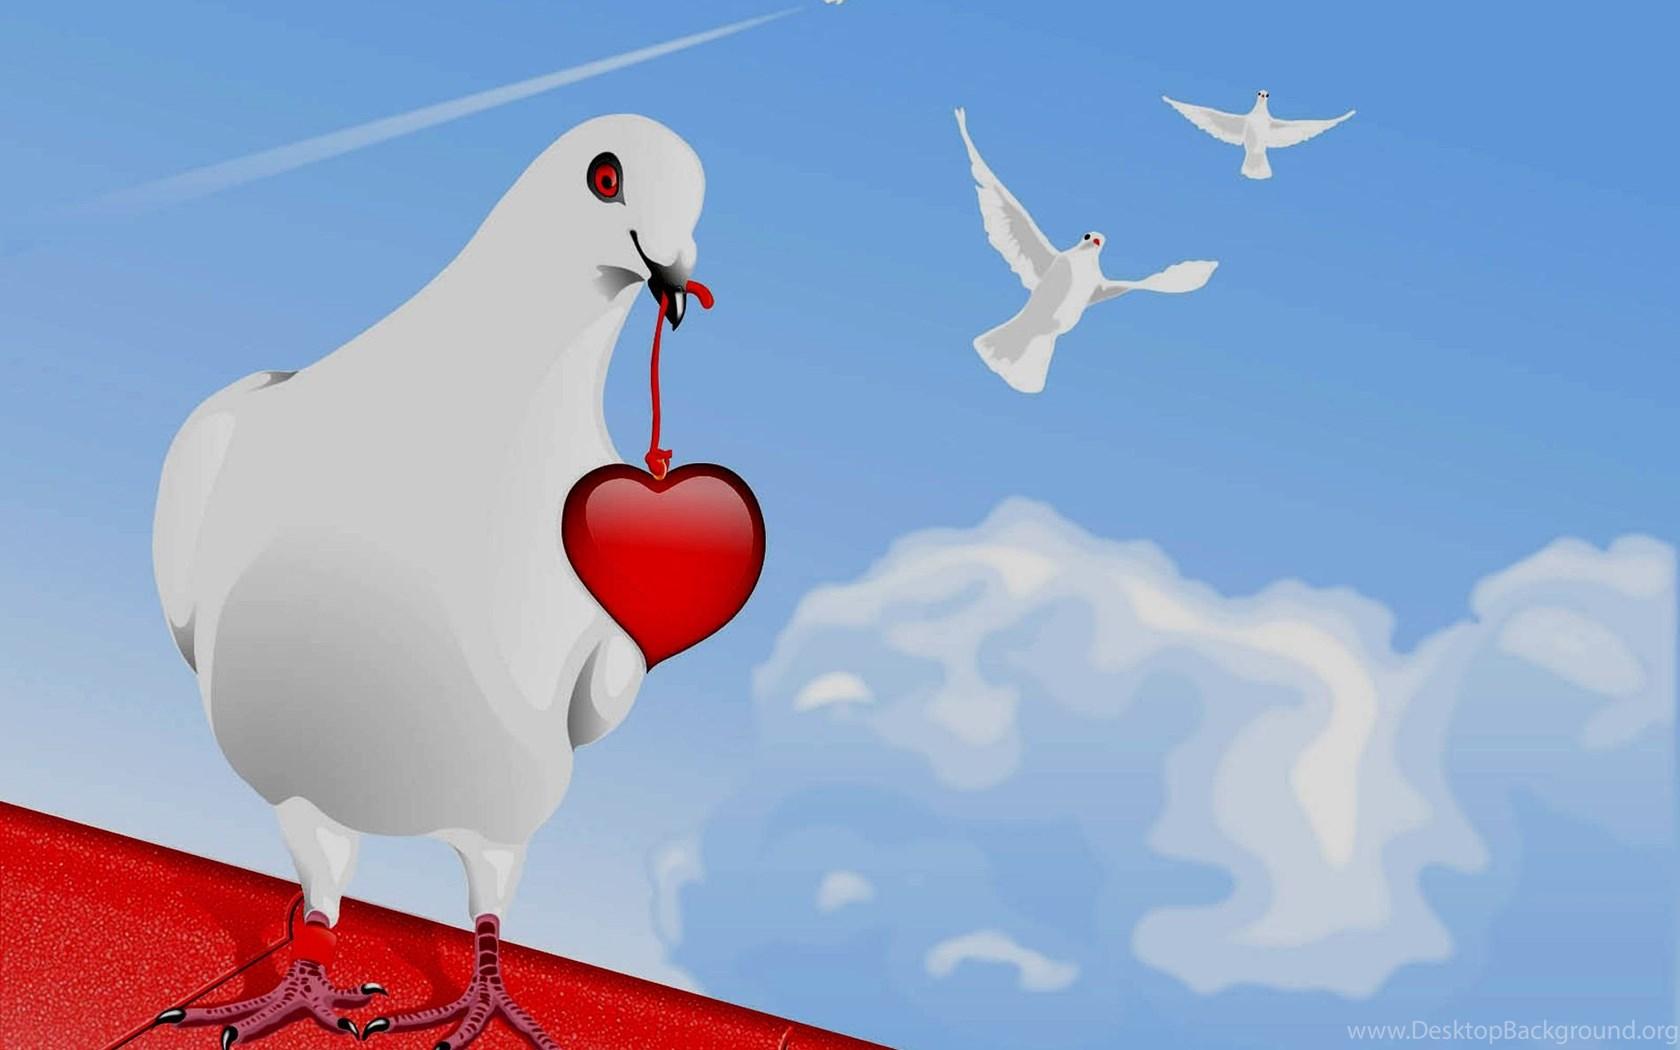 Top Wallpaper High Quality Bird - 275878_3d-wallpapers-hd-3d-heart-with-lovely-bird-wallpapers-high-quality_1900x1386_h  Snapshot_873846.jpg